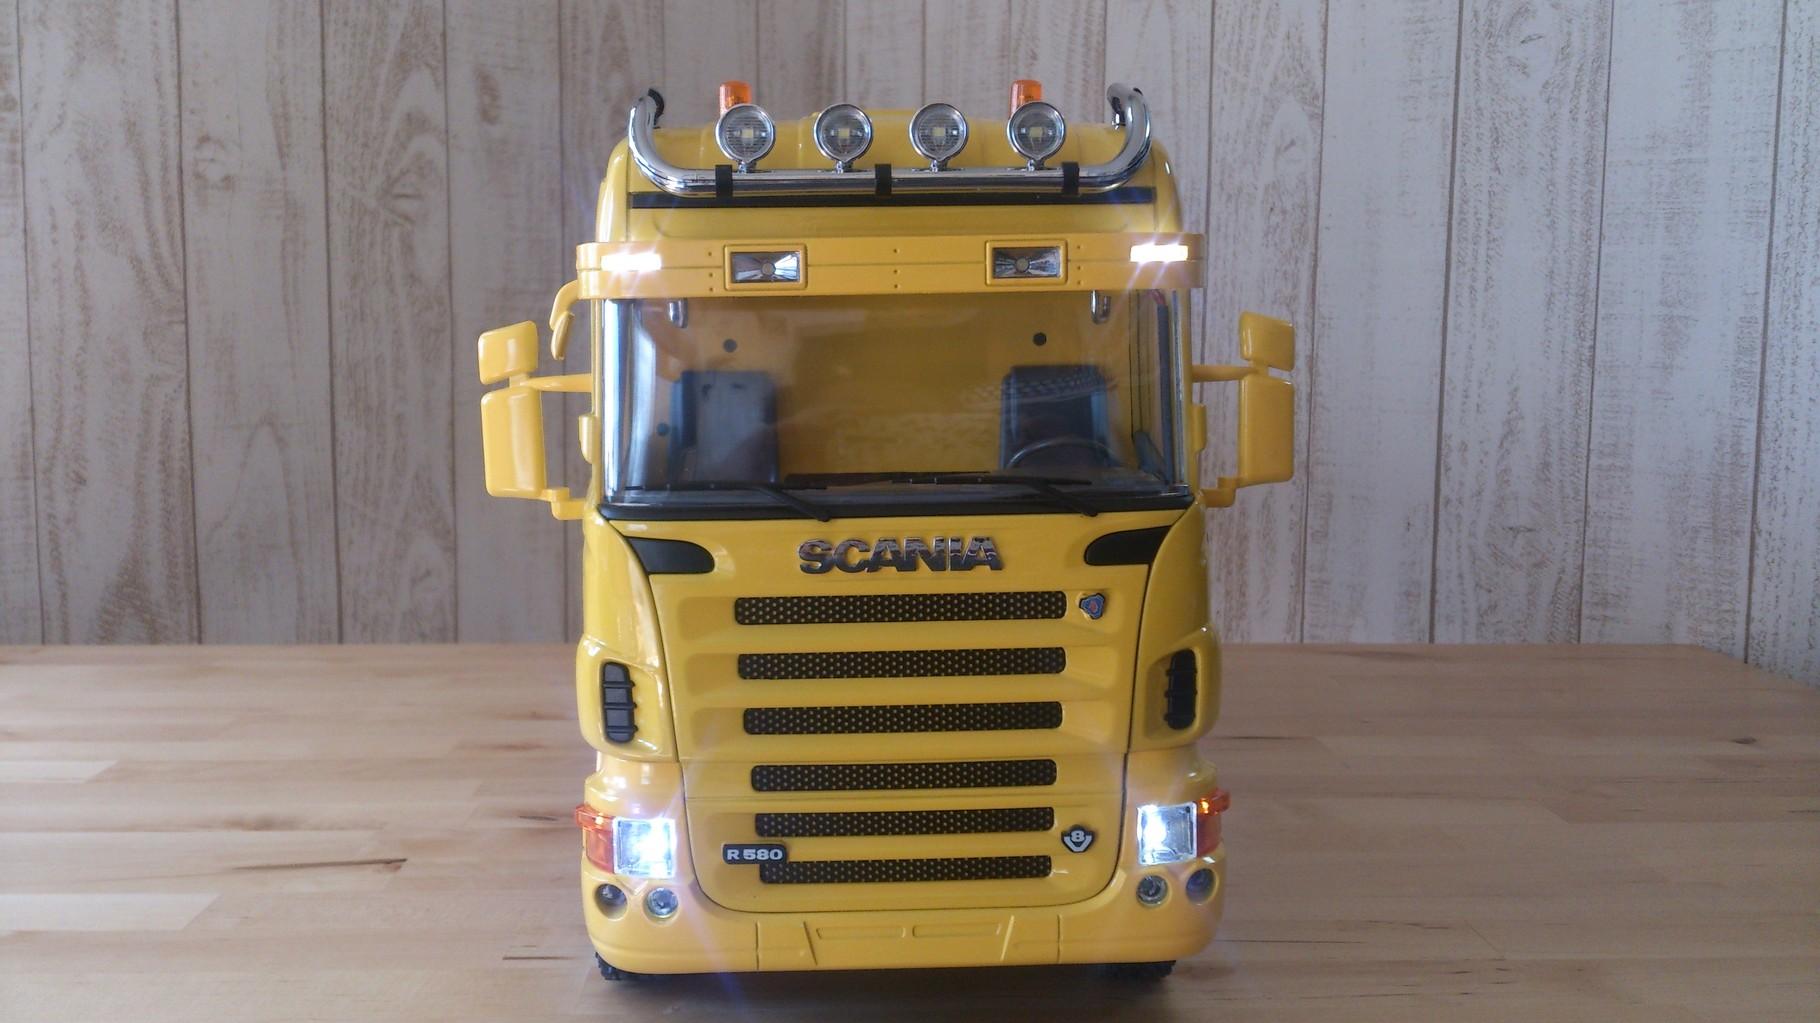 スカニア4軸3転ダンプトラック_サンブラインドのタウンライトとロービーム点灯